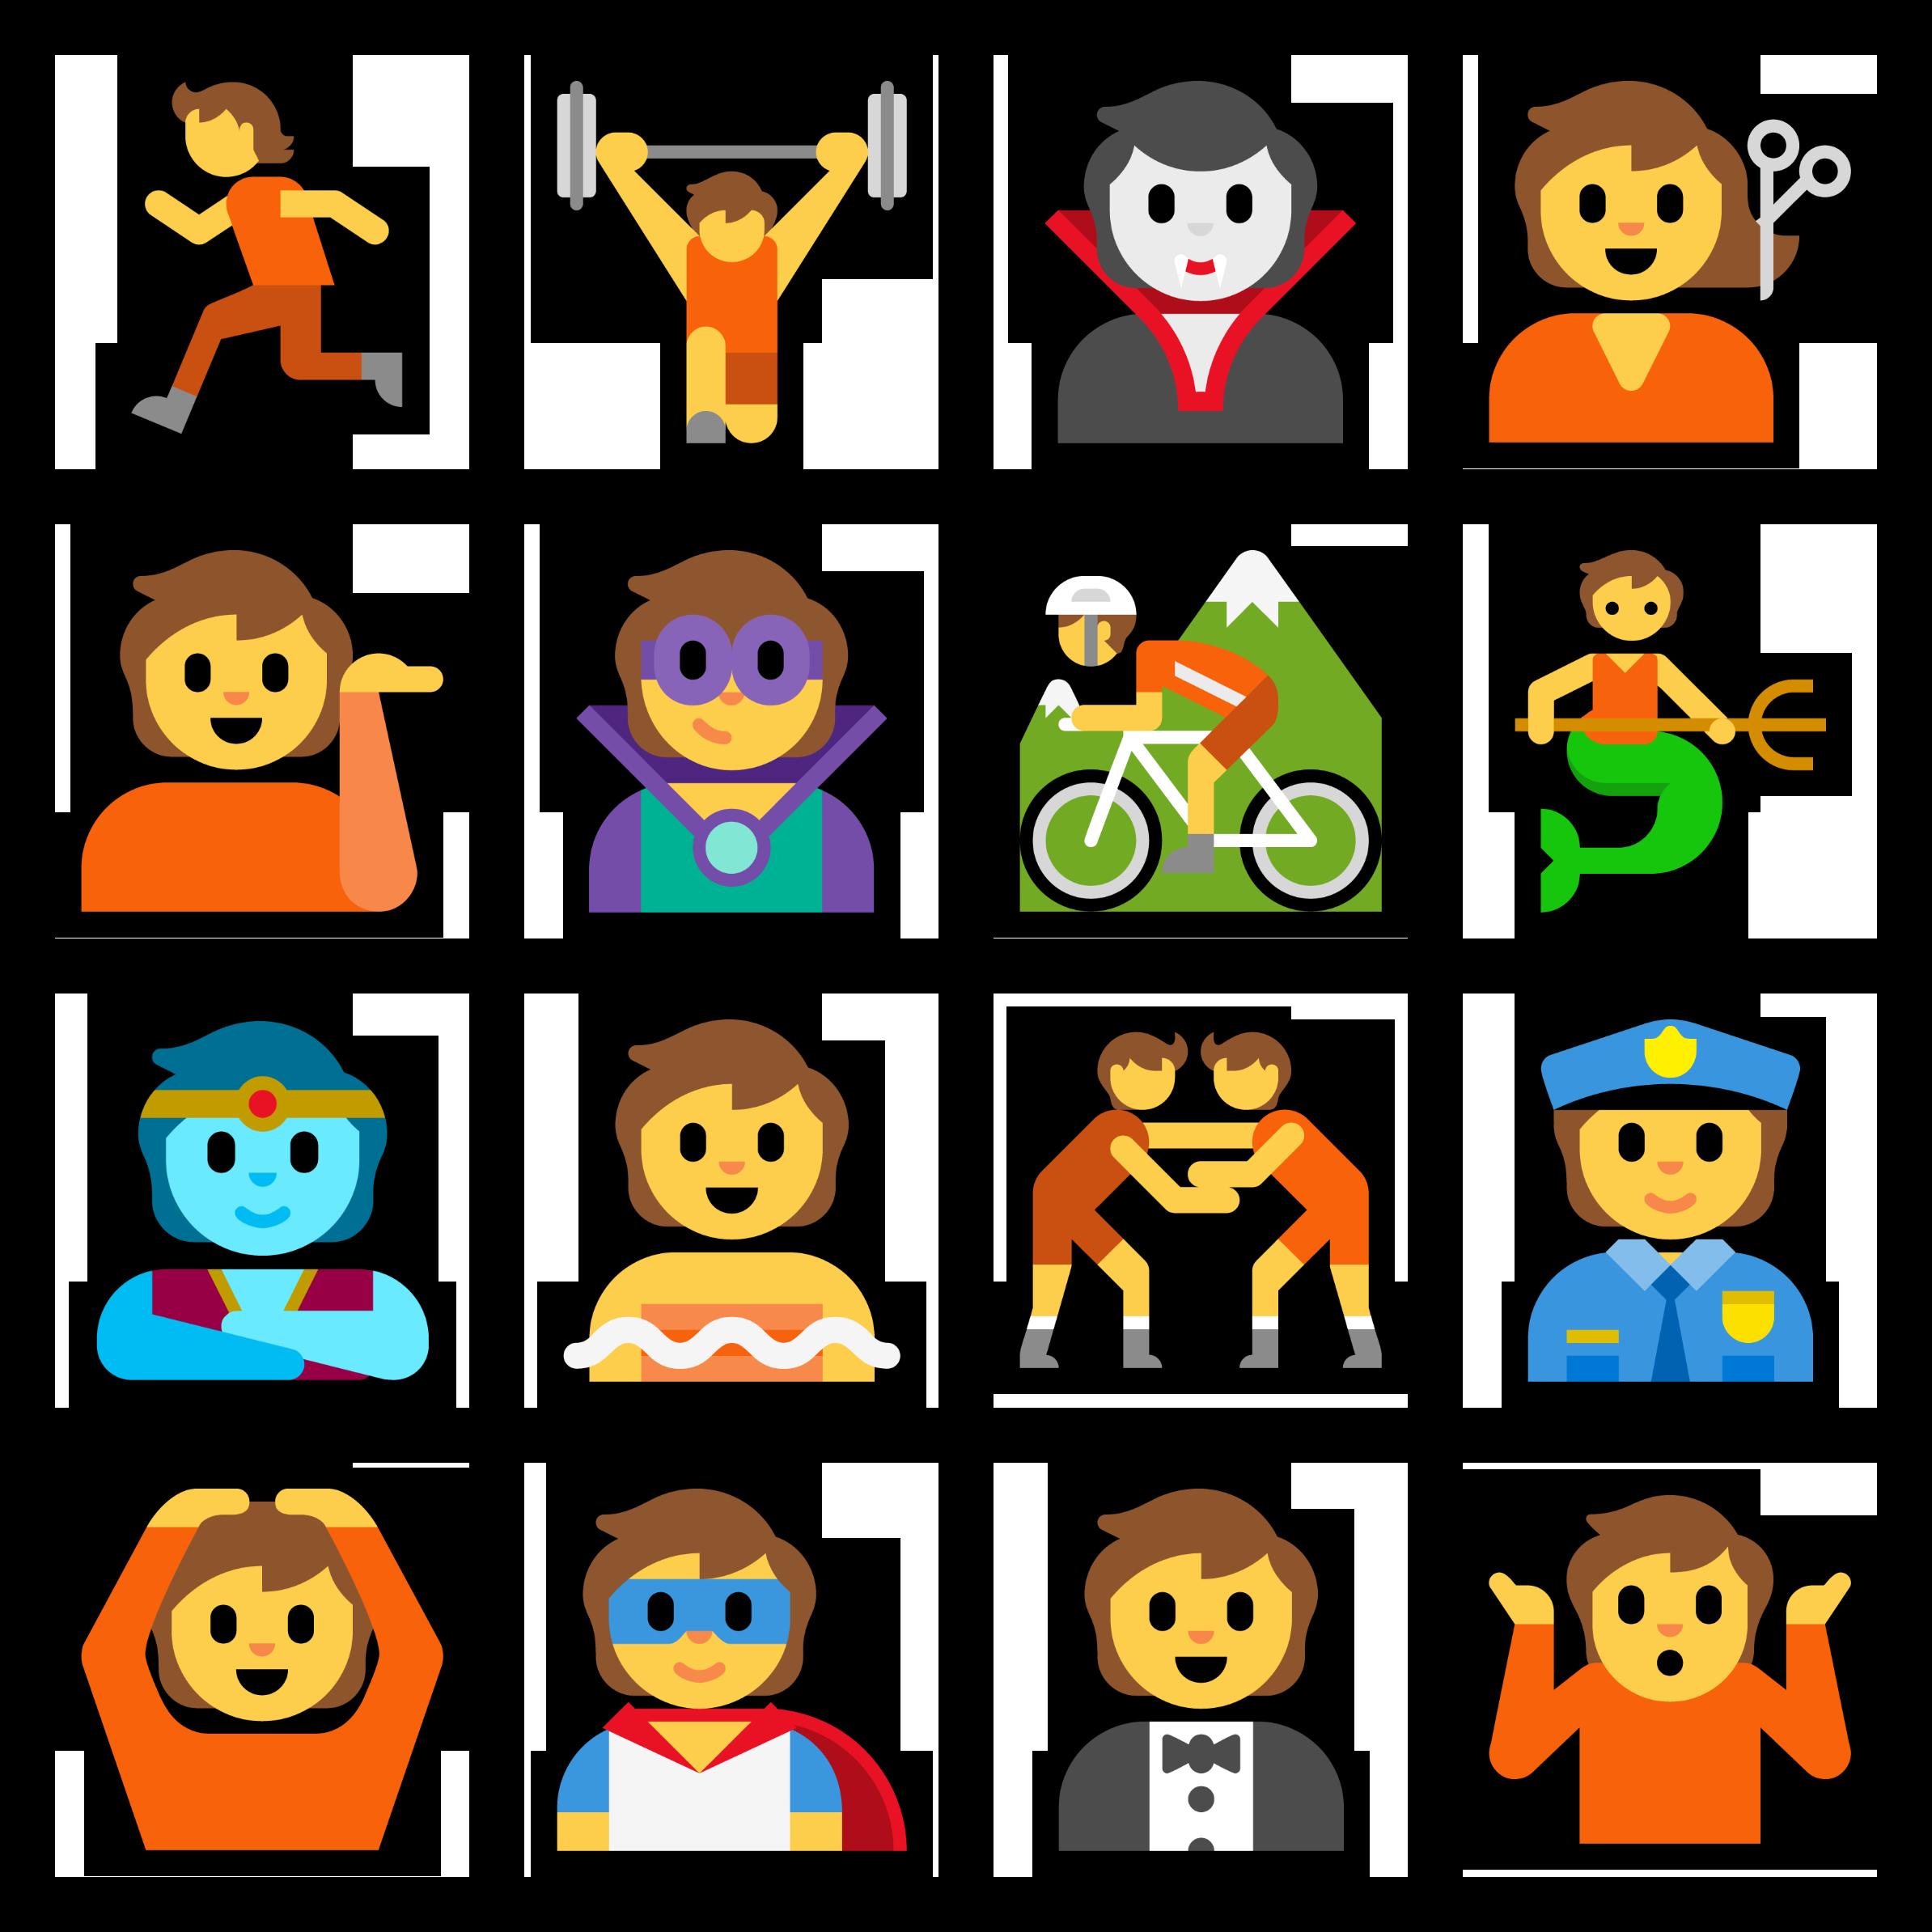 Emoji-12_1-Misc-Gender-Neutral-Emoji-Designs